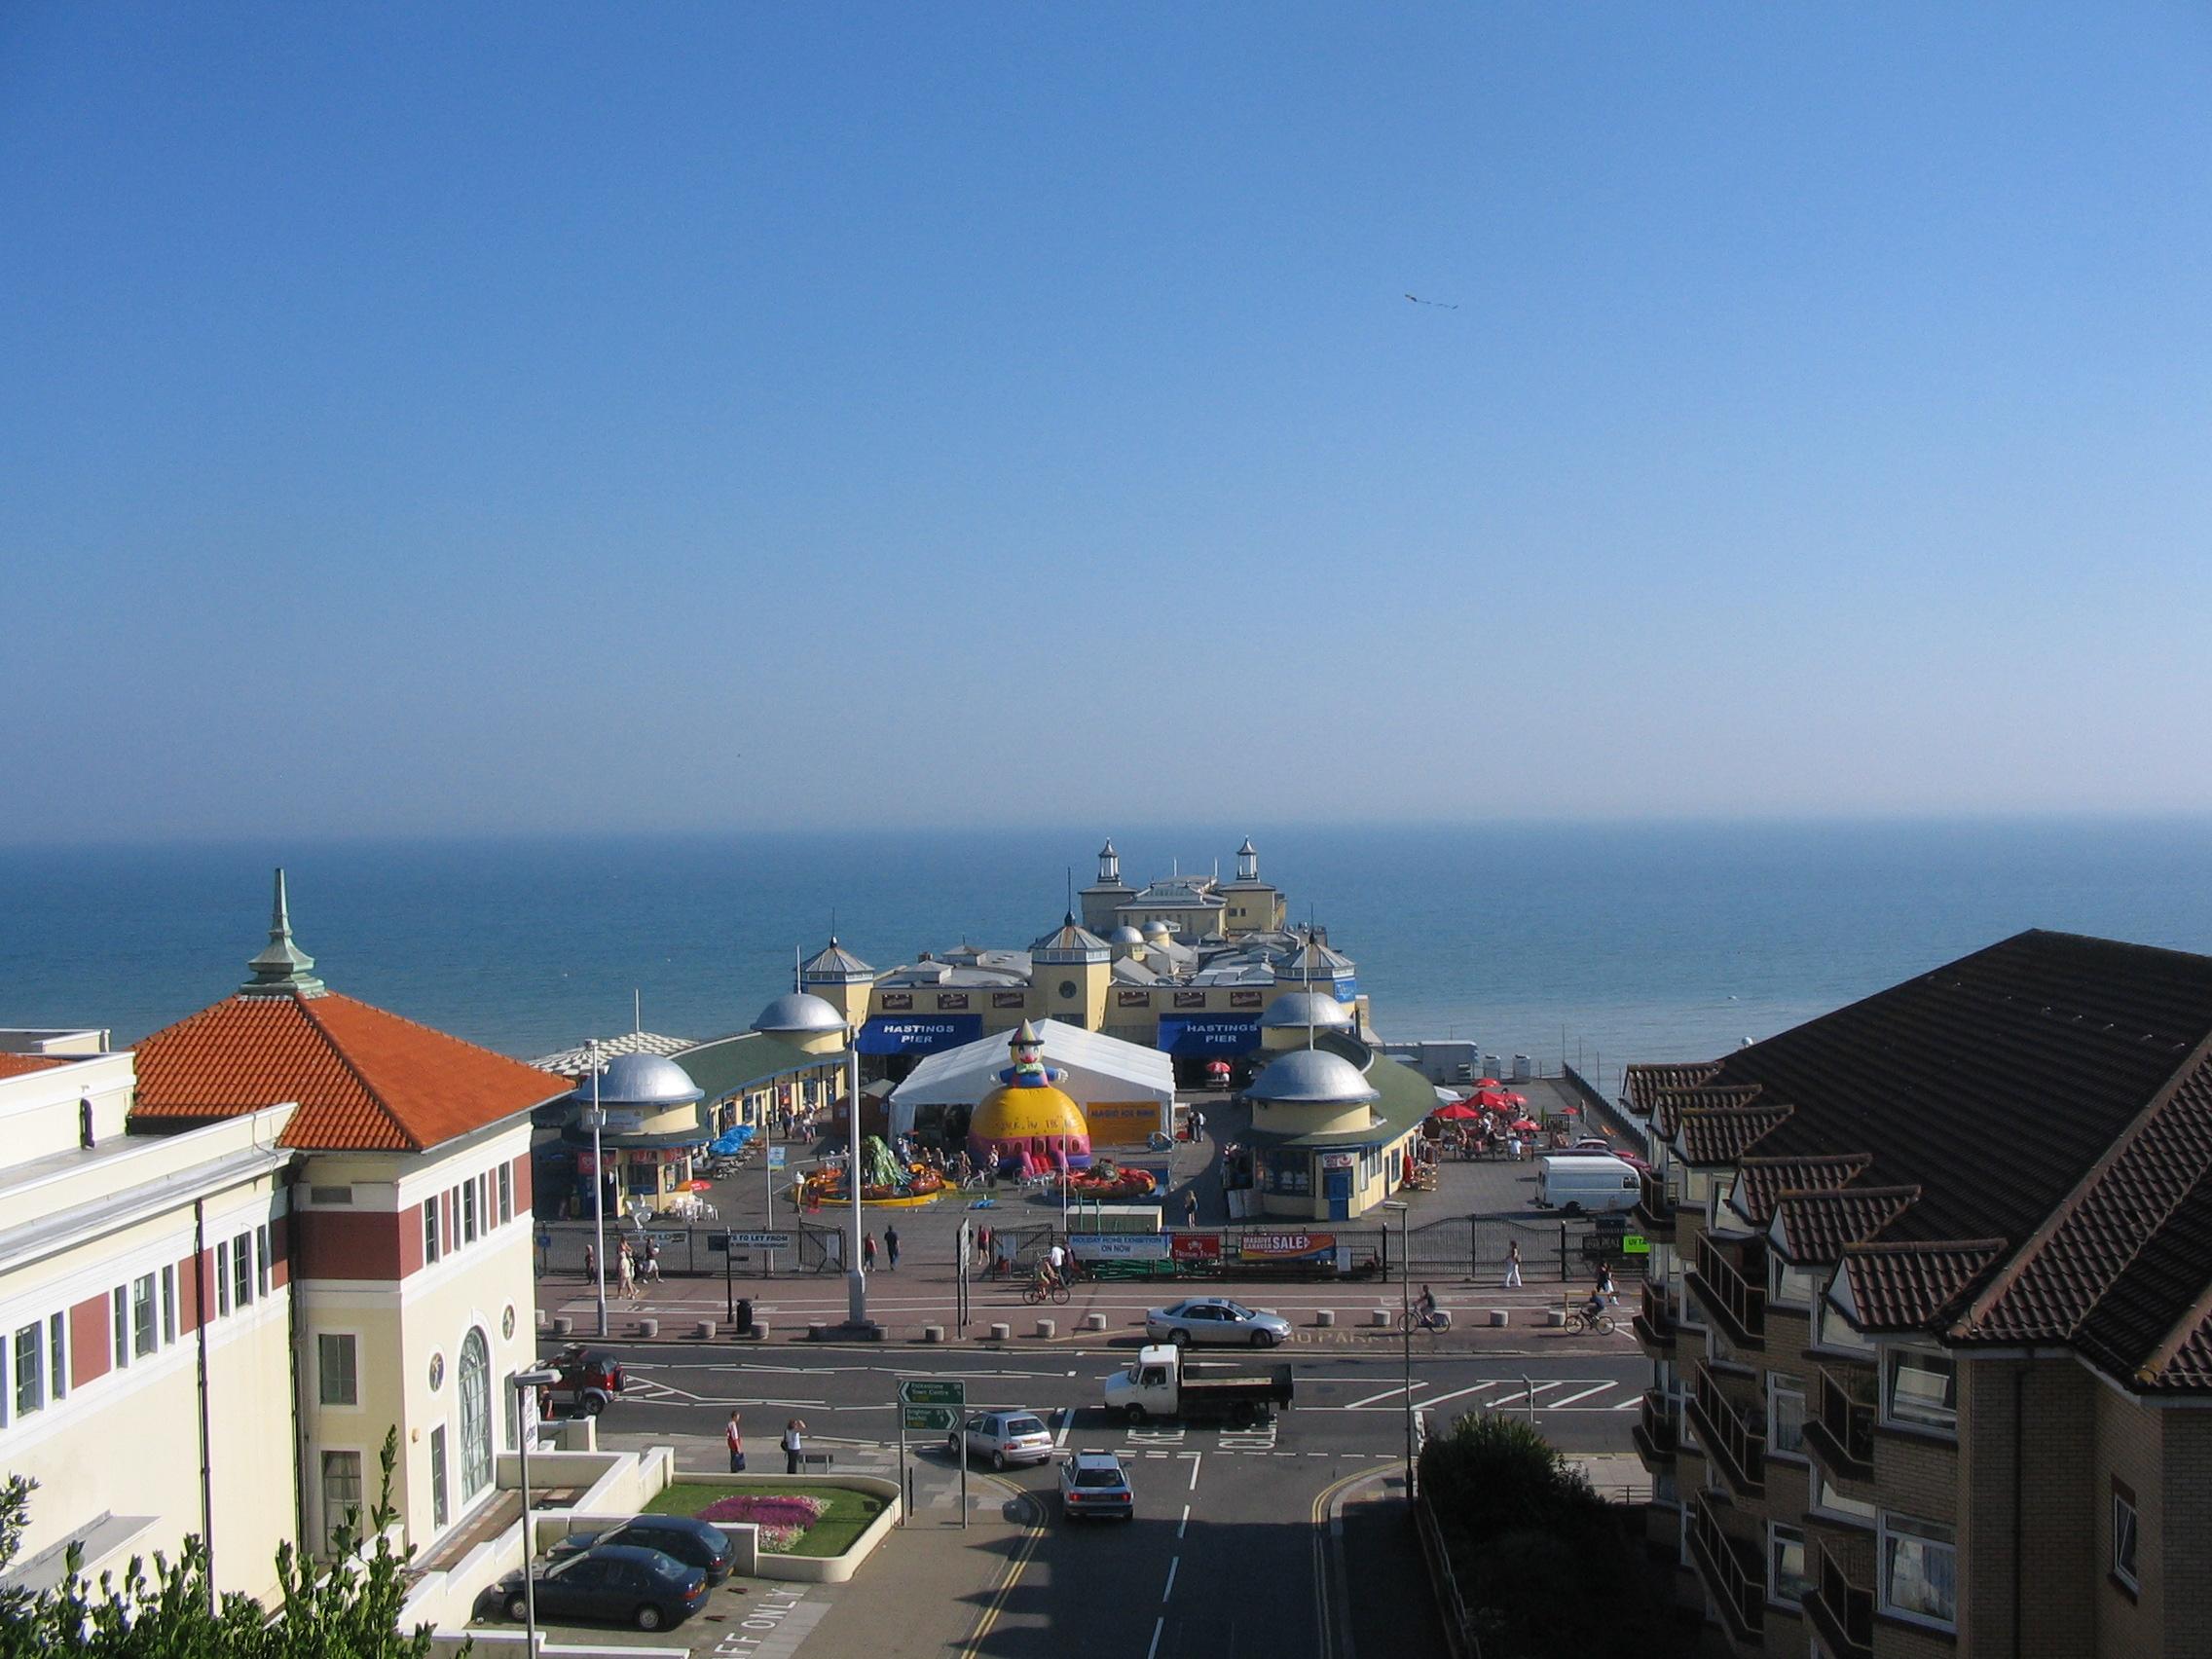 hastings pier 2005.jpg